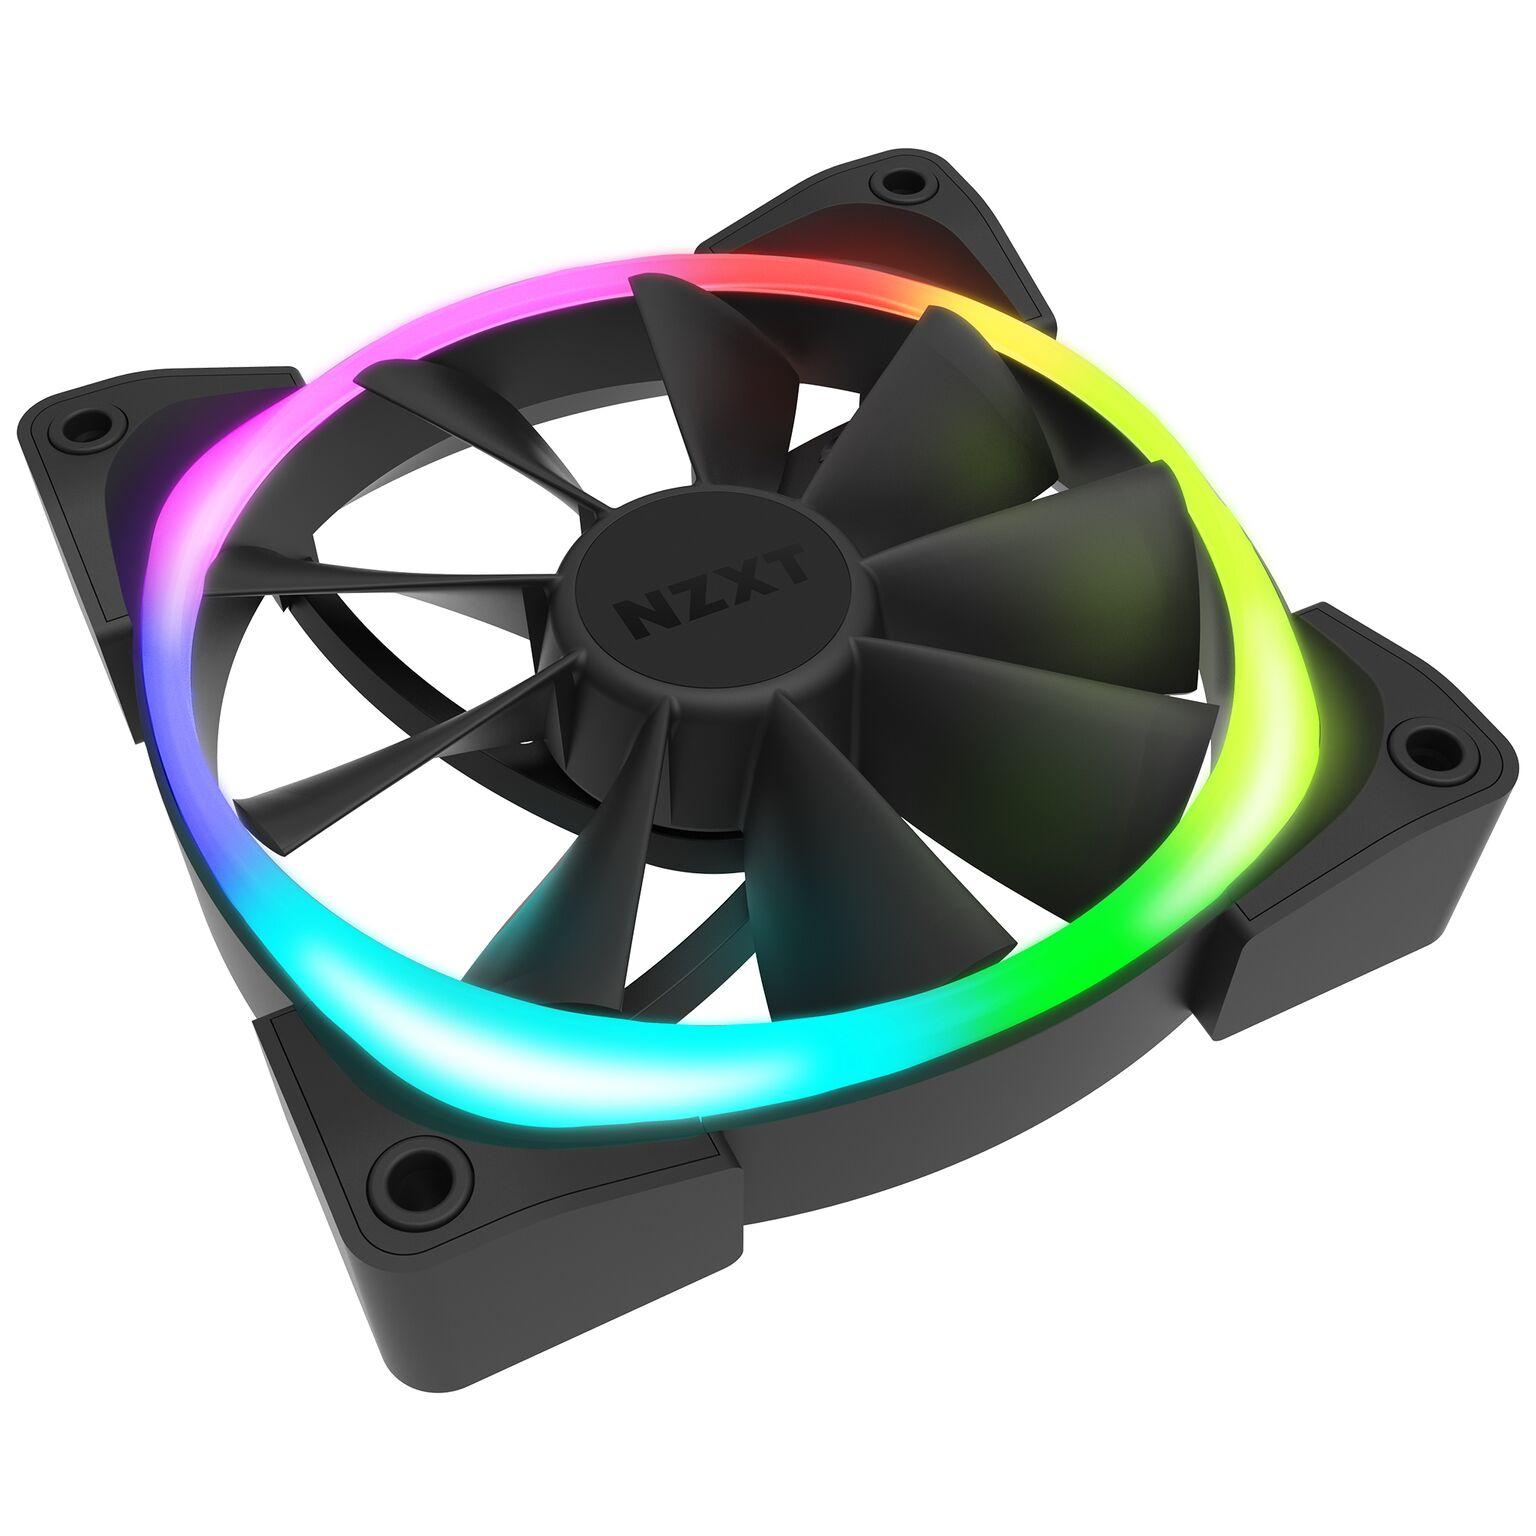 Aer RGB 2 2